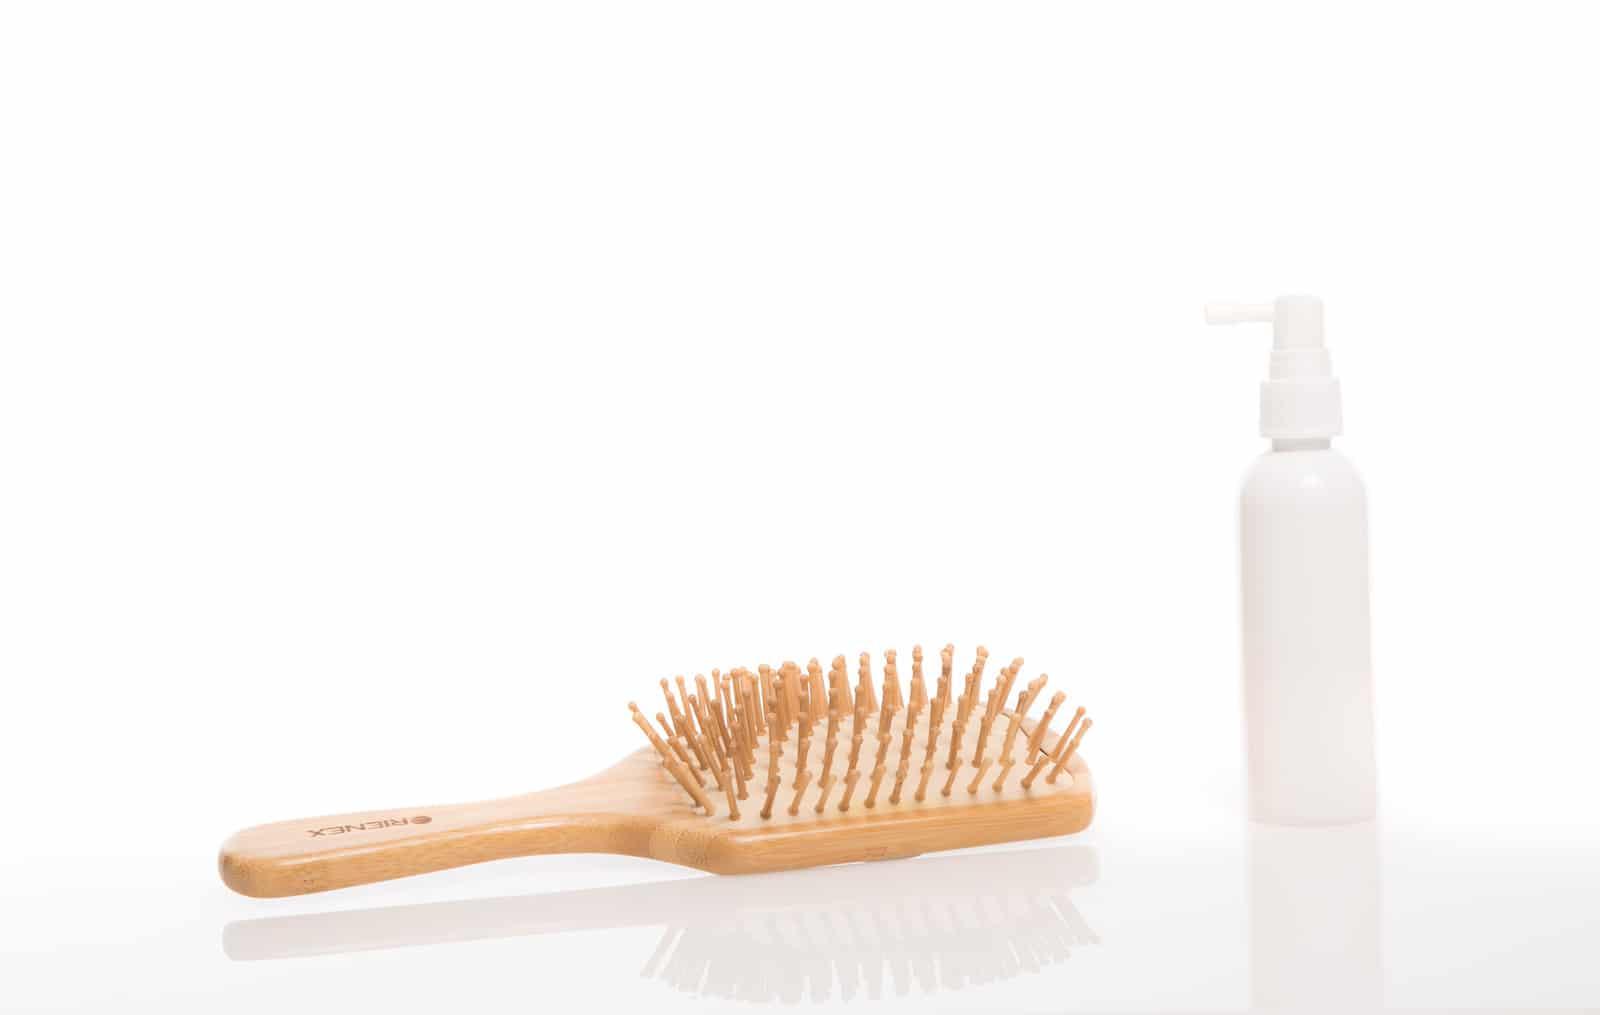 薄毛の原因やフケ・かゆみの原因は?頭皮トラブルの原因と対処法